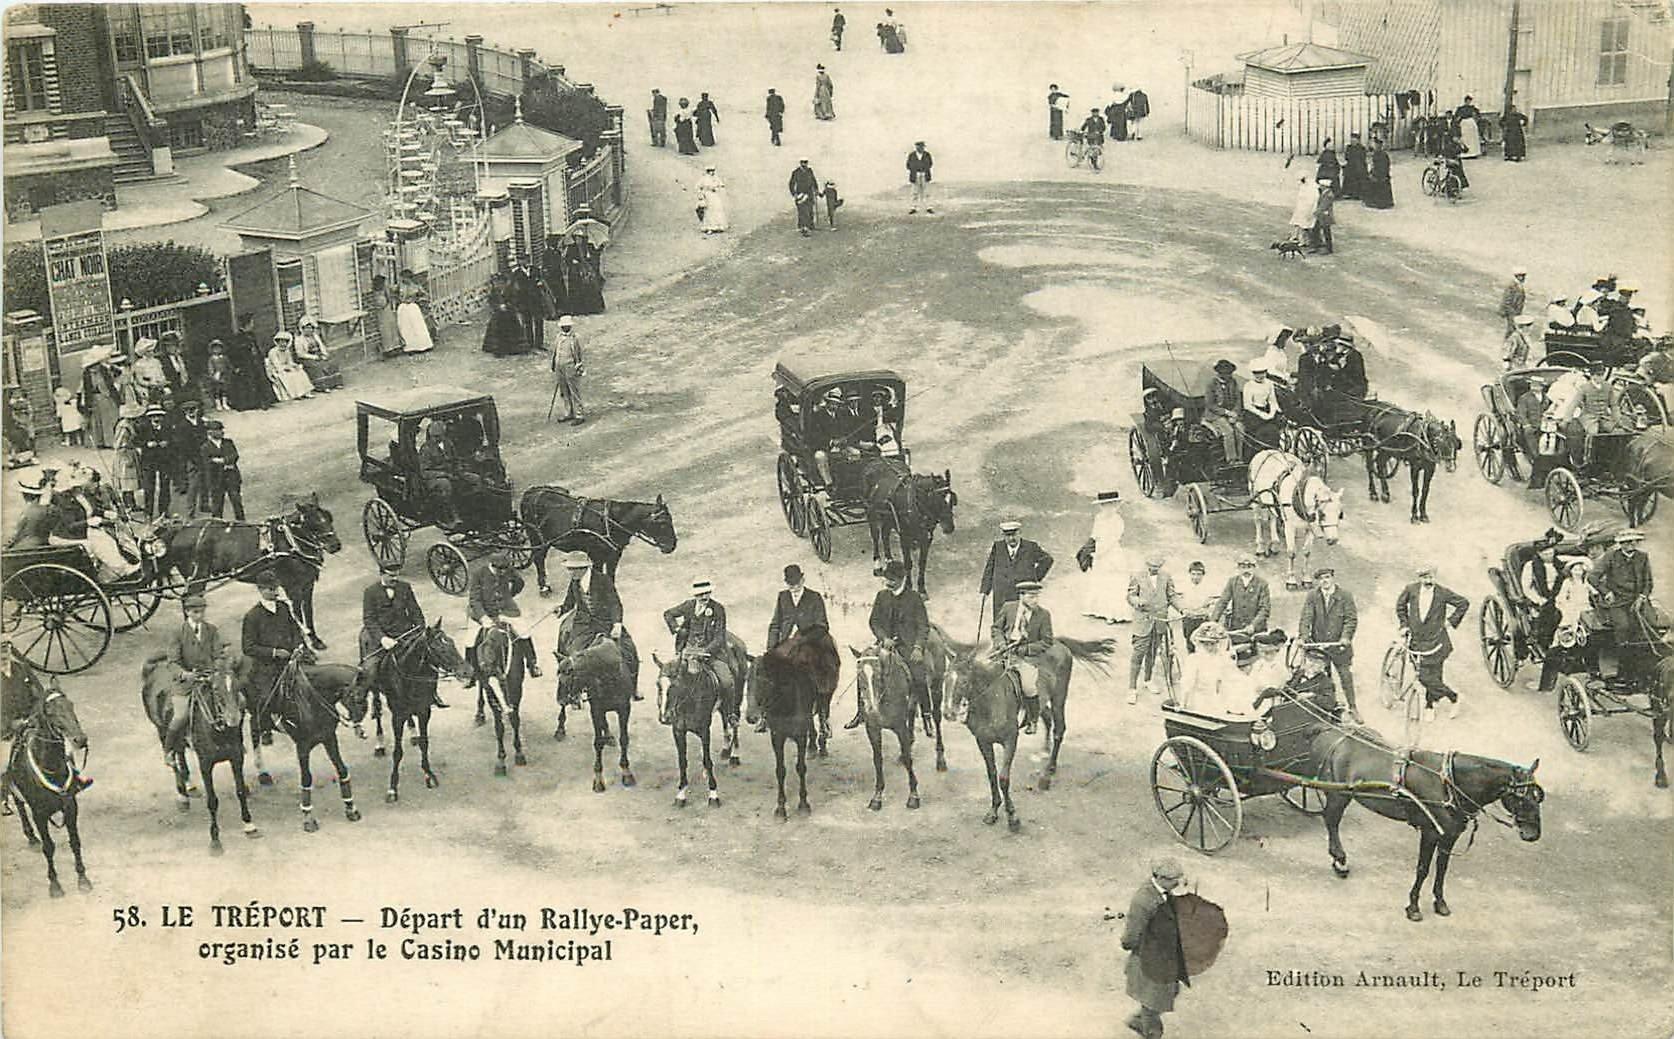 76 LE TREPORT. Départ d'un Rallye Paper du Casino. Carte publicitaire Arnault Photographe